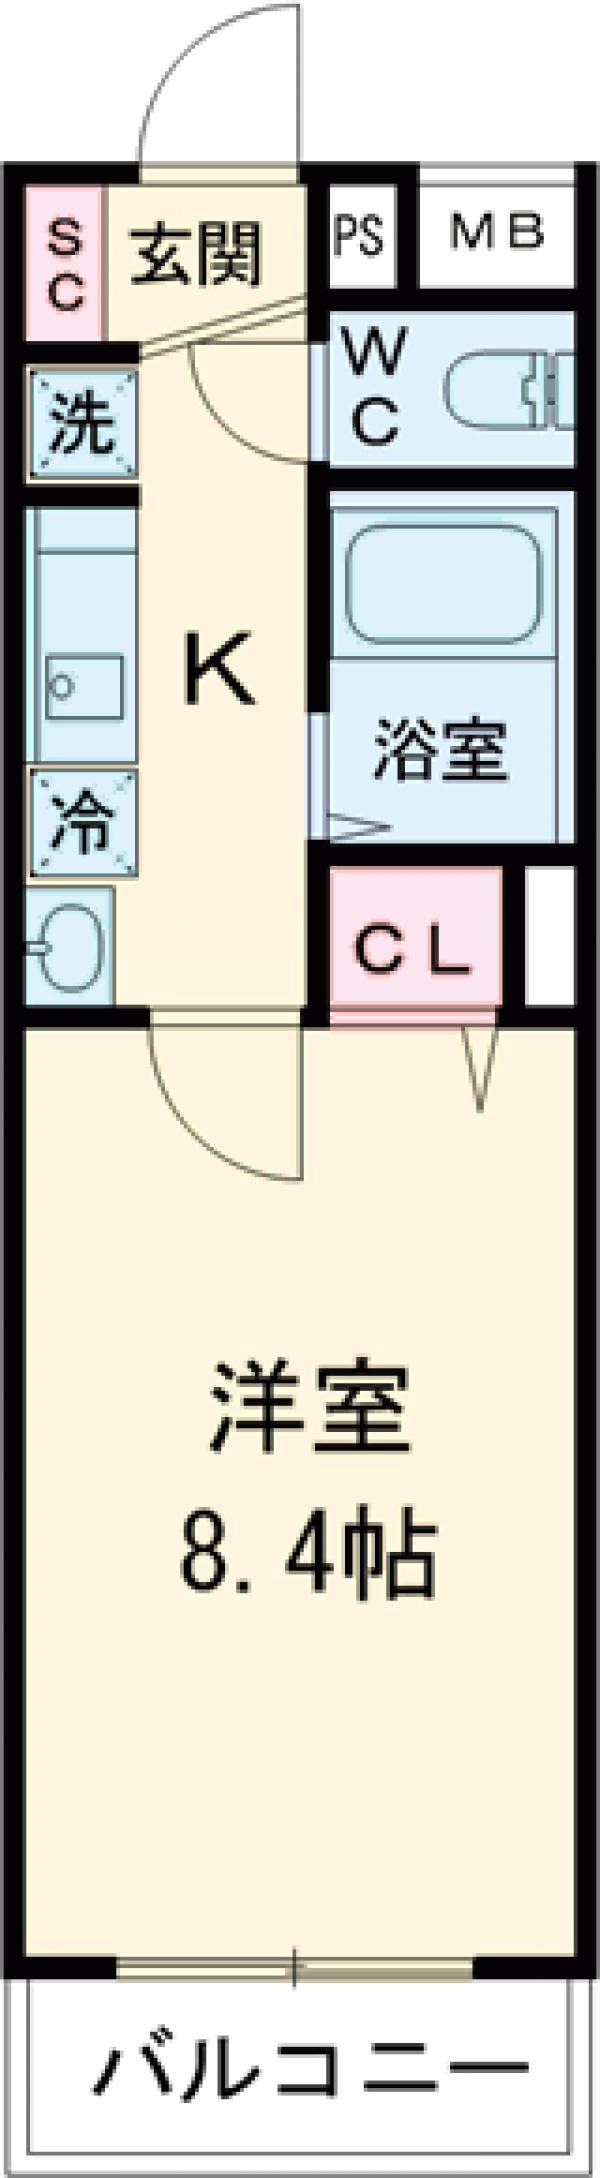 グローリオシェルト仙川Ⅱ・101号室の間取り